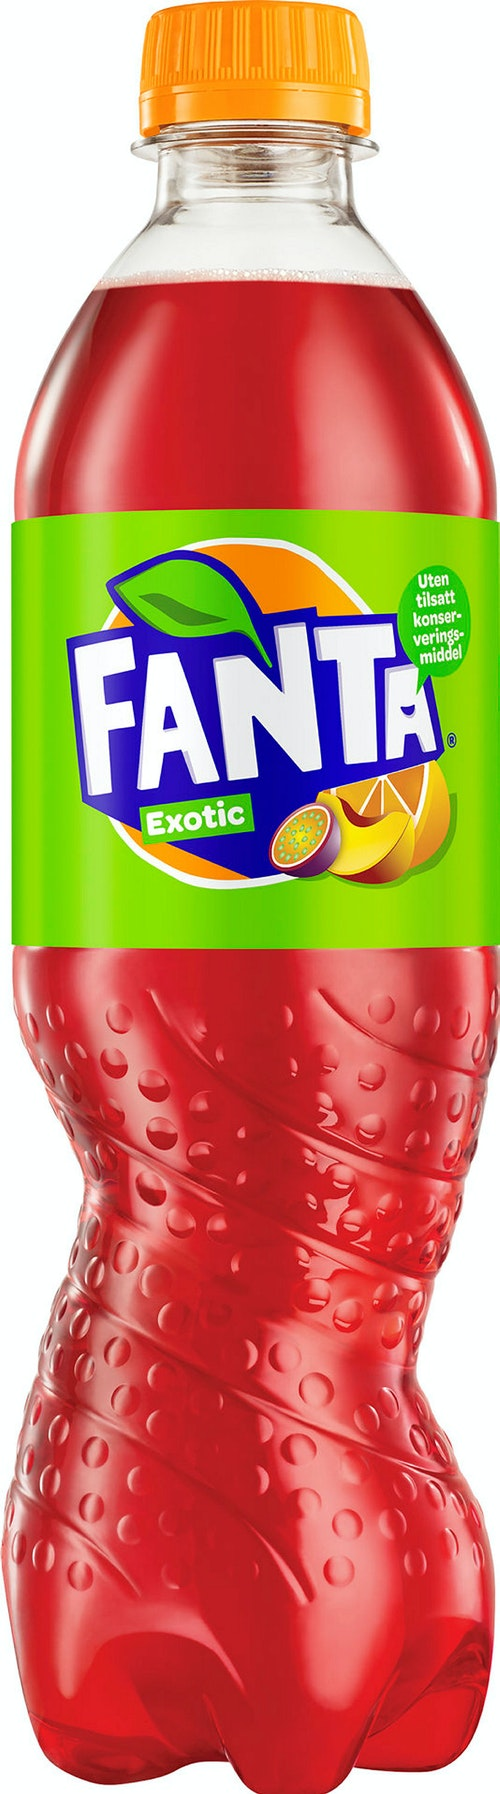 Fanta Fanta Exotic 0,5 l